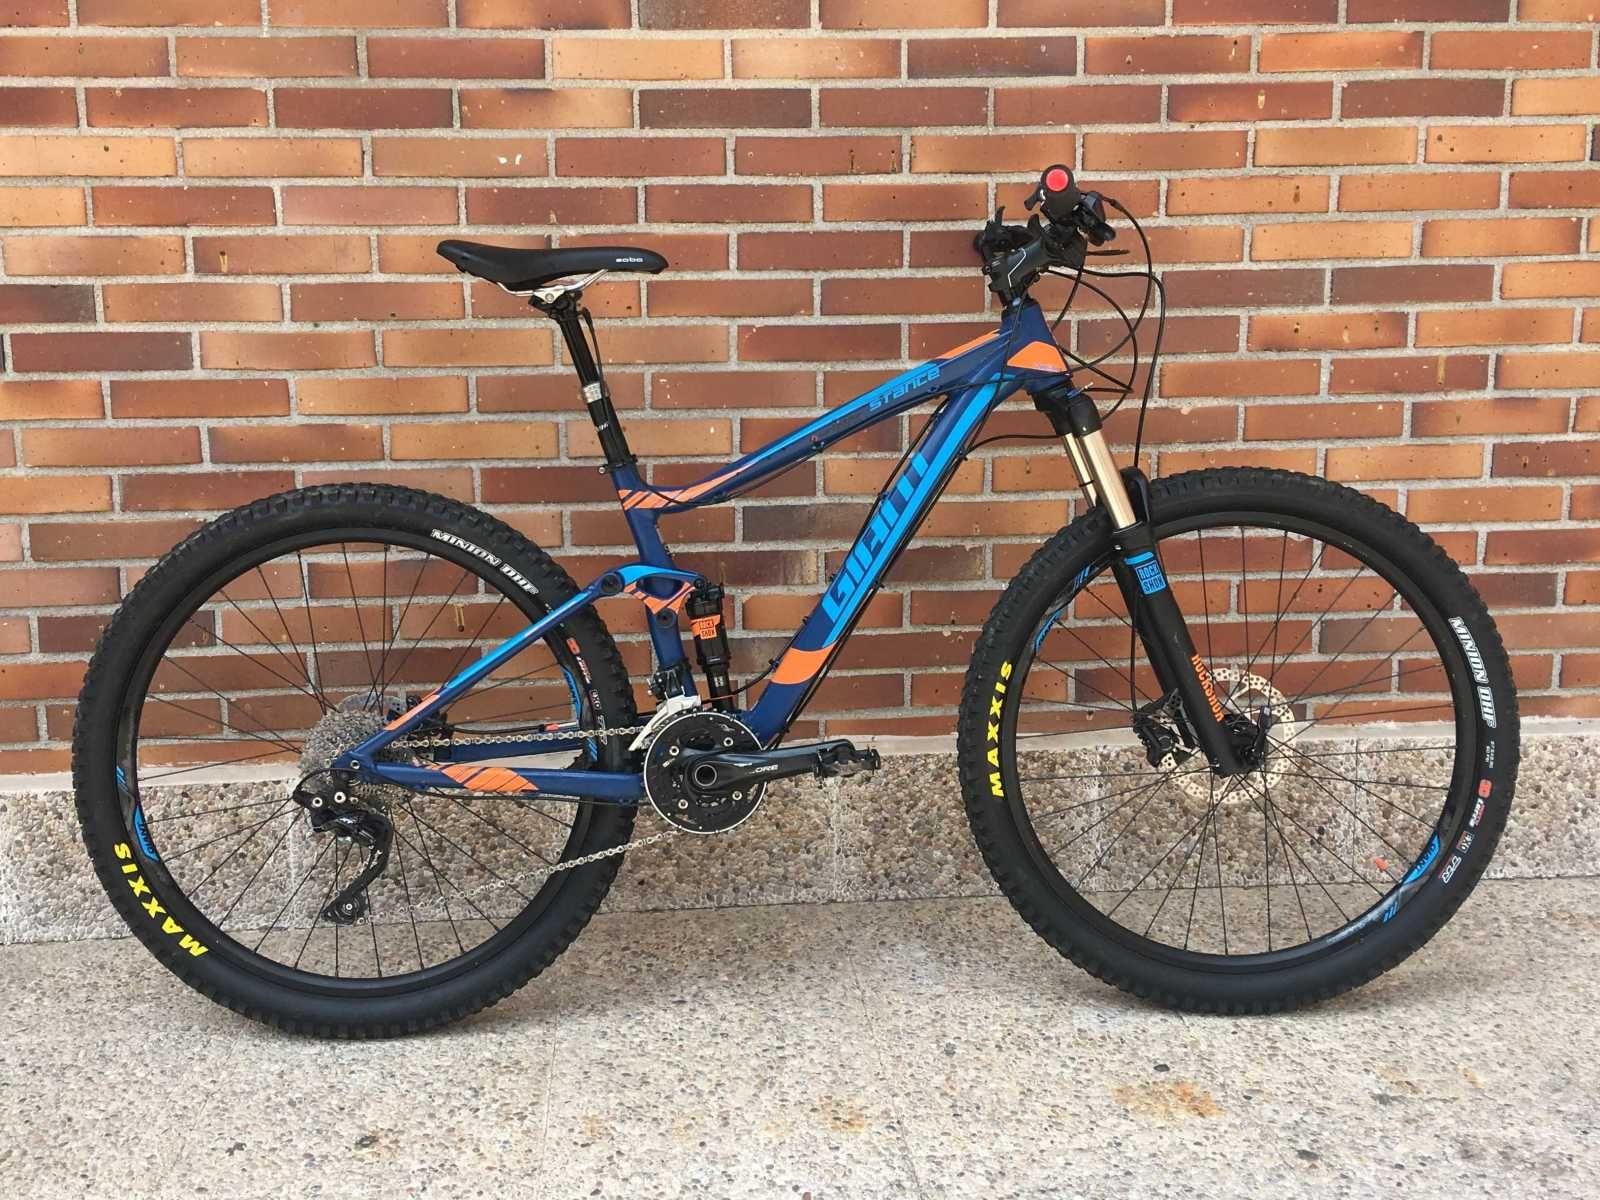 Bicicleta De Montaña Giant Stance Ref 34697 Talla S Año 2016 Cambio Shimano Deore Xt Cu Bicicletas Bicicletas De Montaña Giant Bicicletas De Segunda Mano